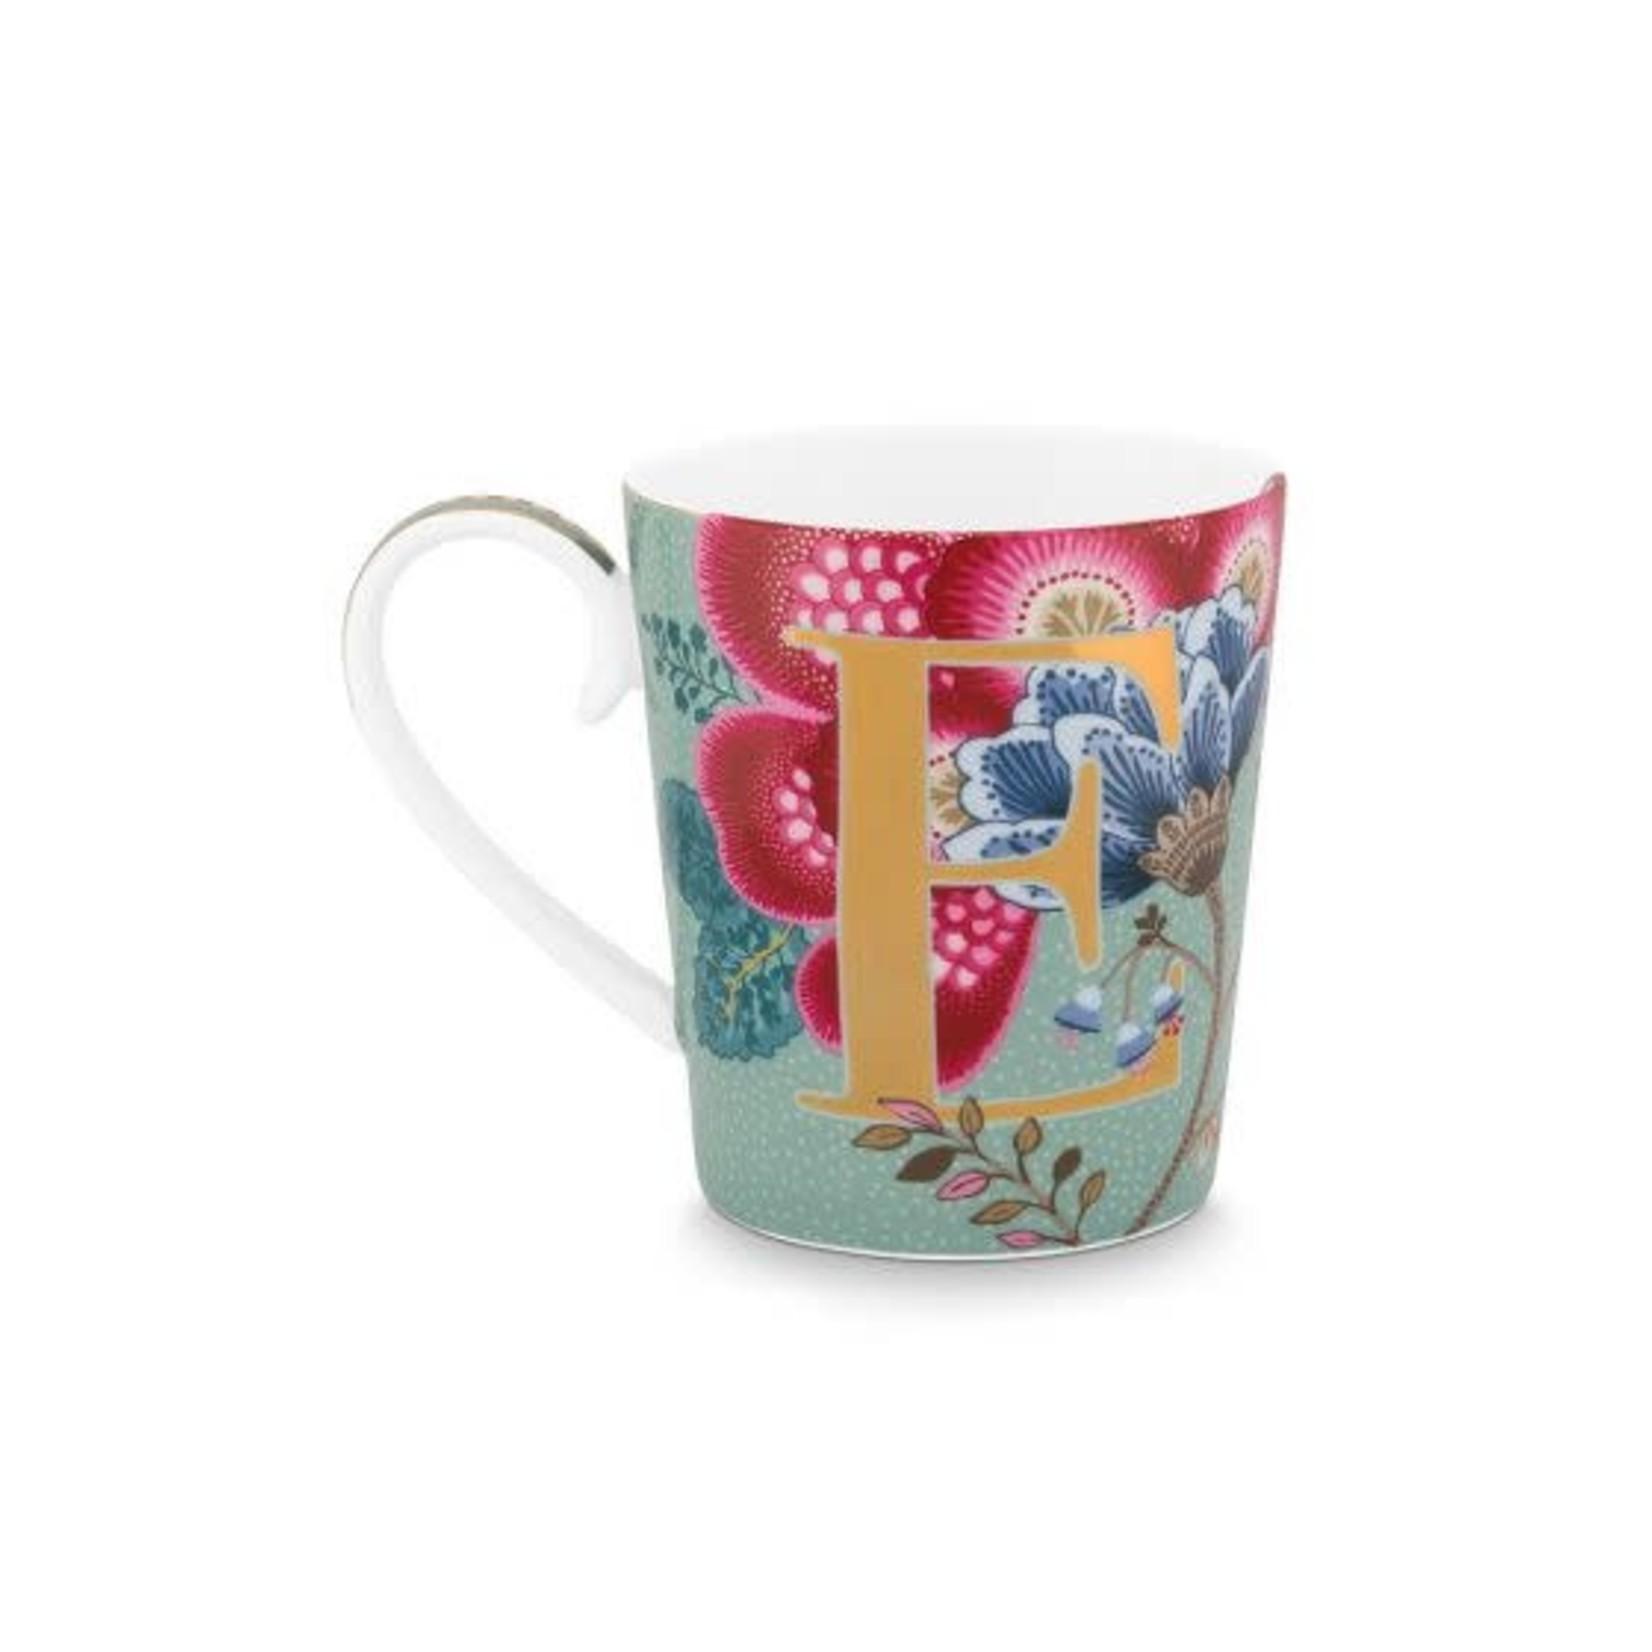 Pip Studio Alphabet Mugs Alphabet Mug Floral Fantasy Light Blue E 350ml